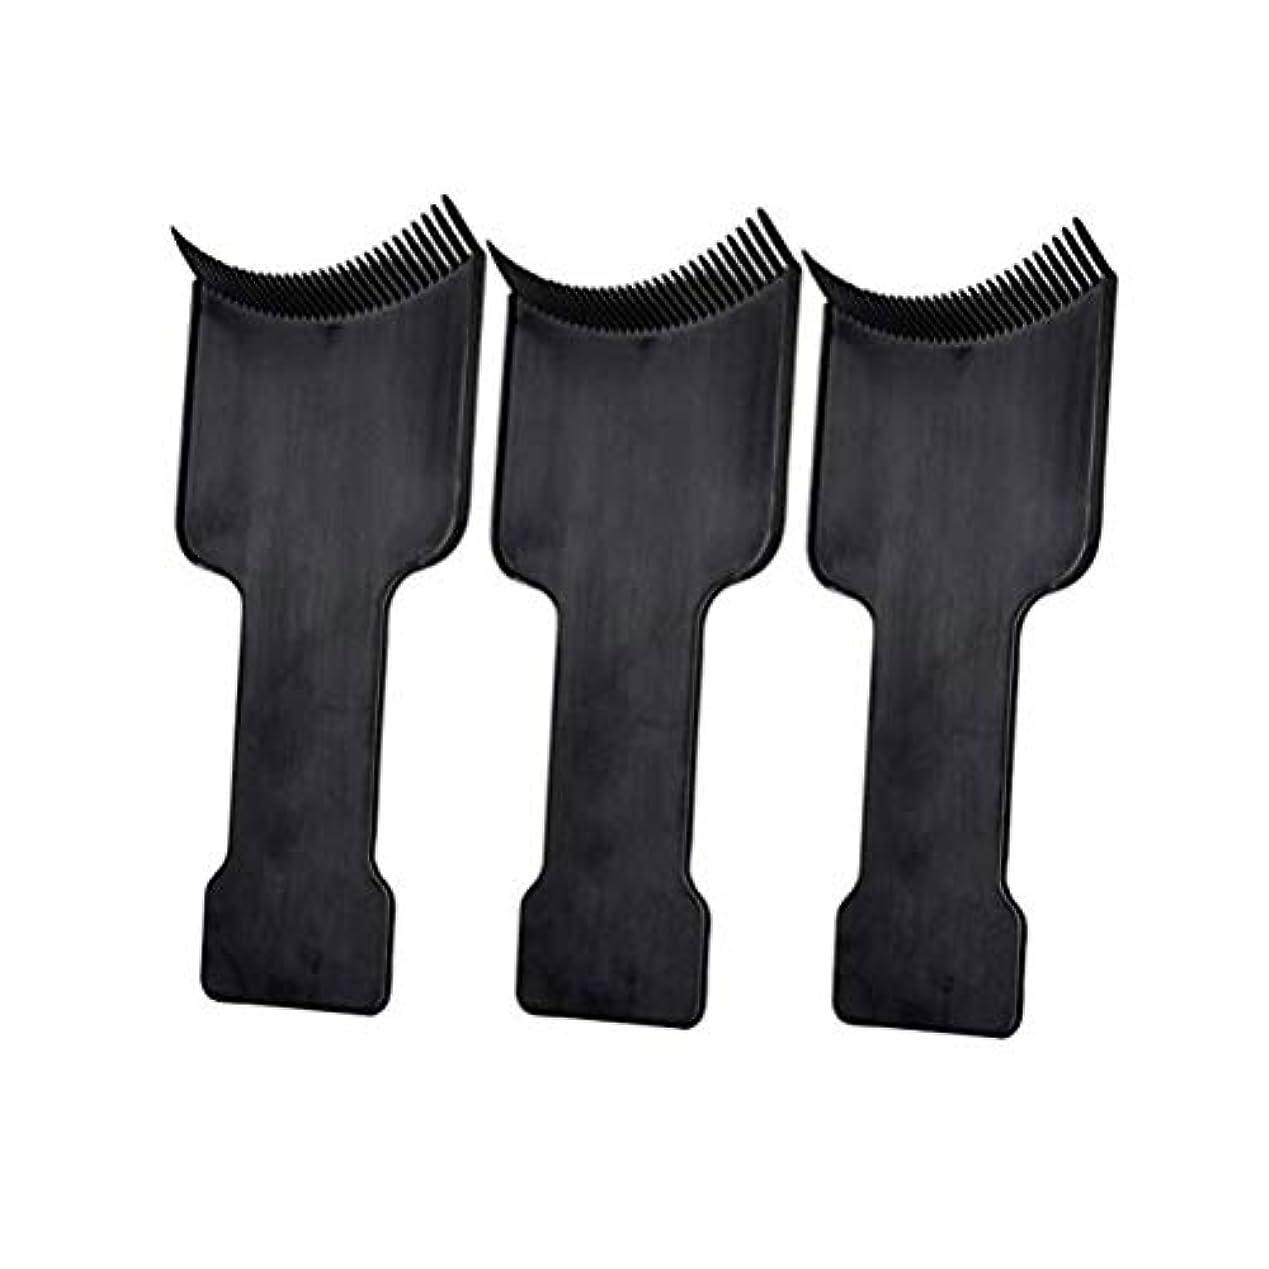 振動させる欺くモスLurrose 3本ヘアカラーブラシヘアダイブラシヘアダイアプリケータヘアカラーブラシ(黒)